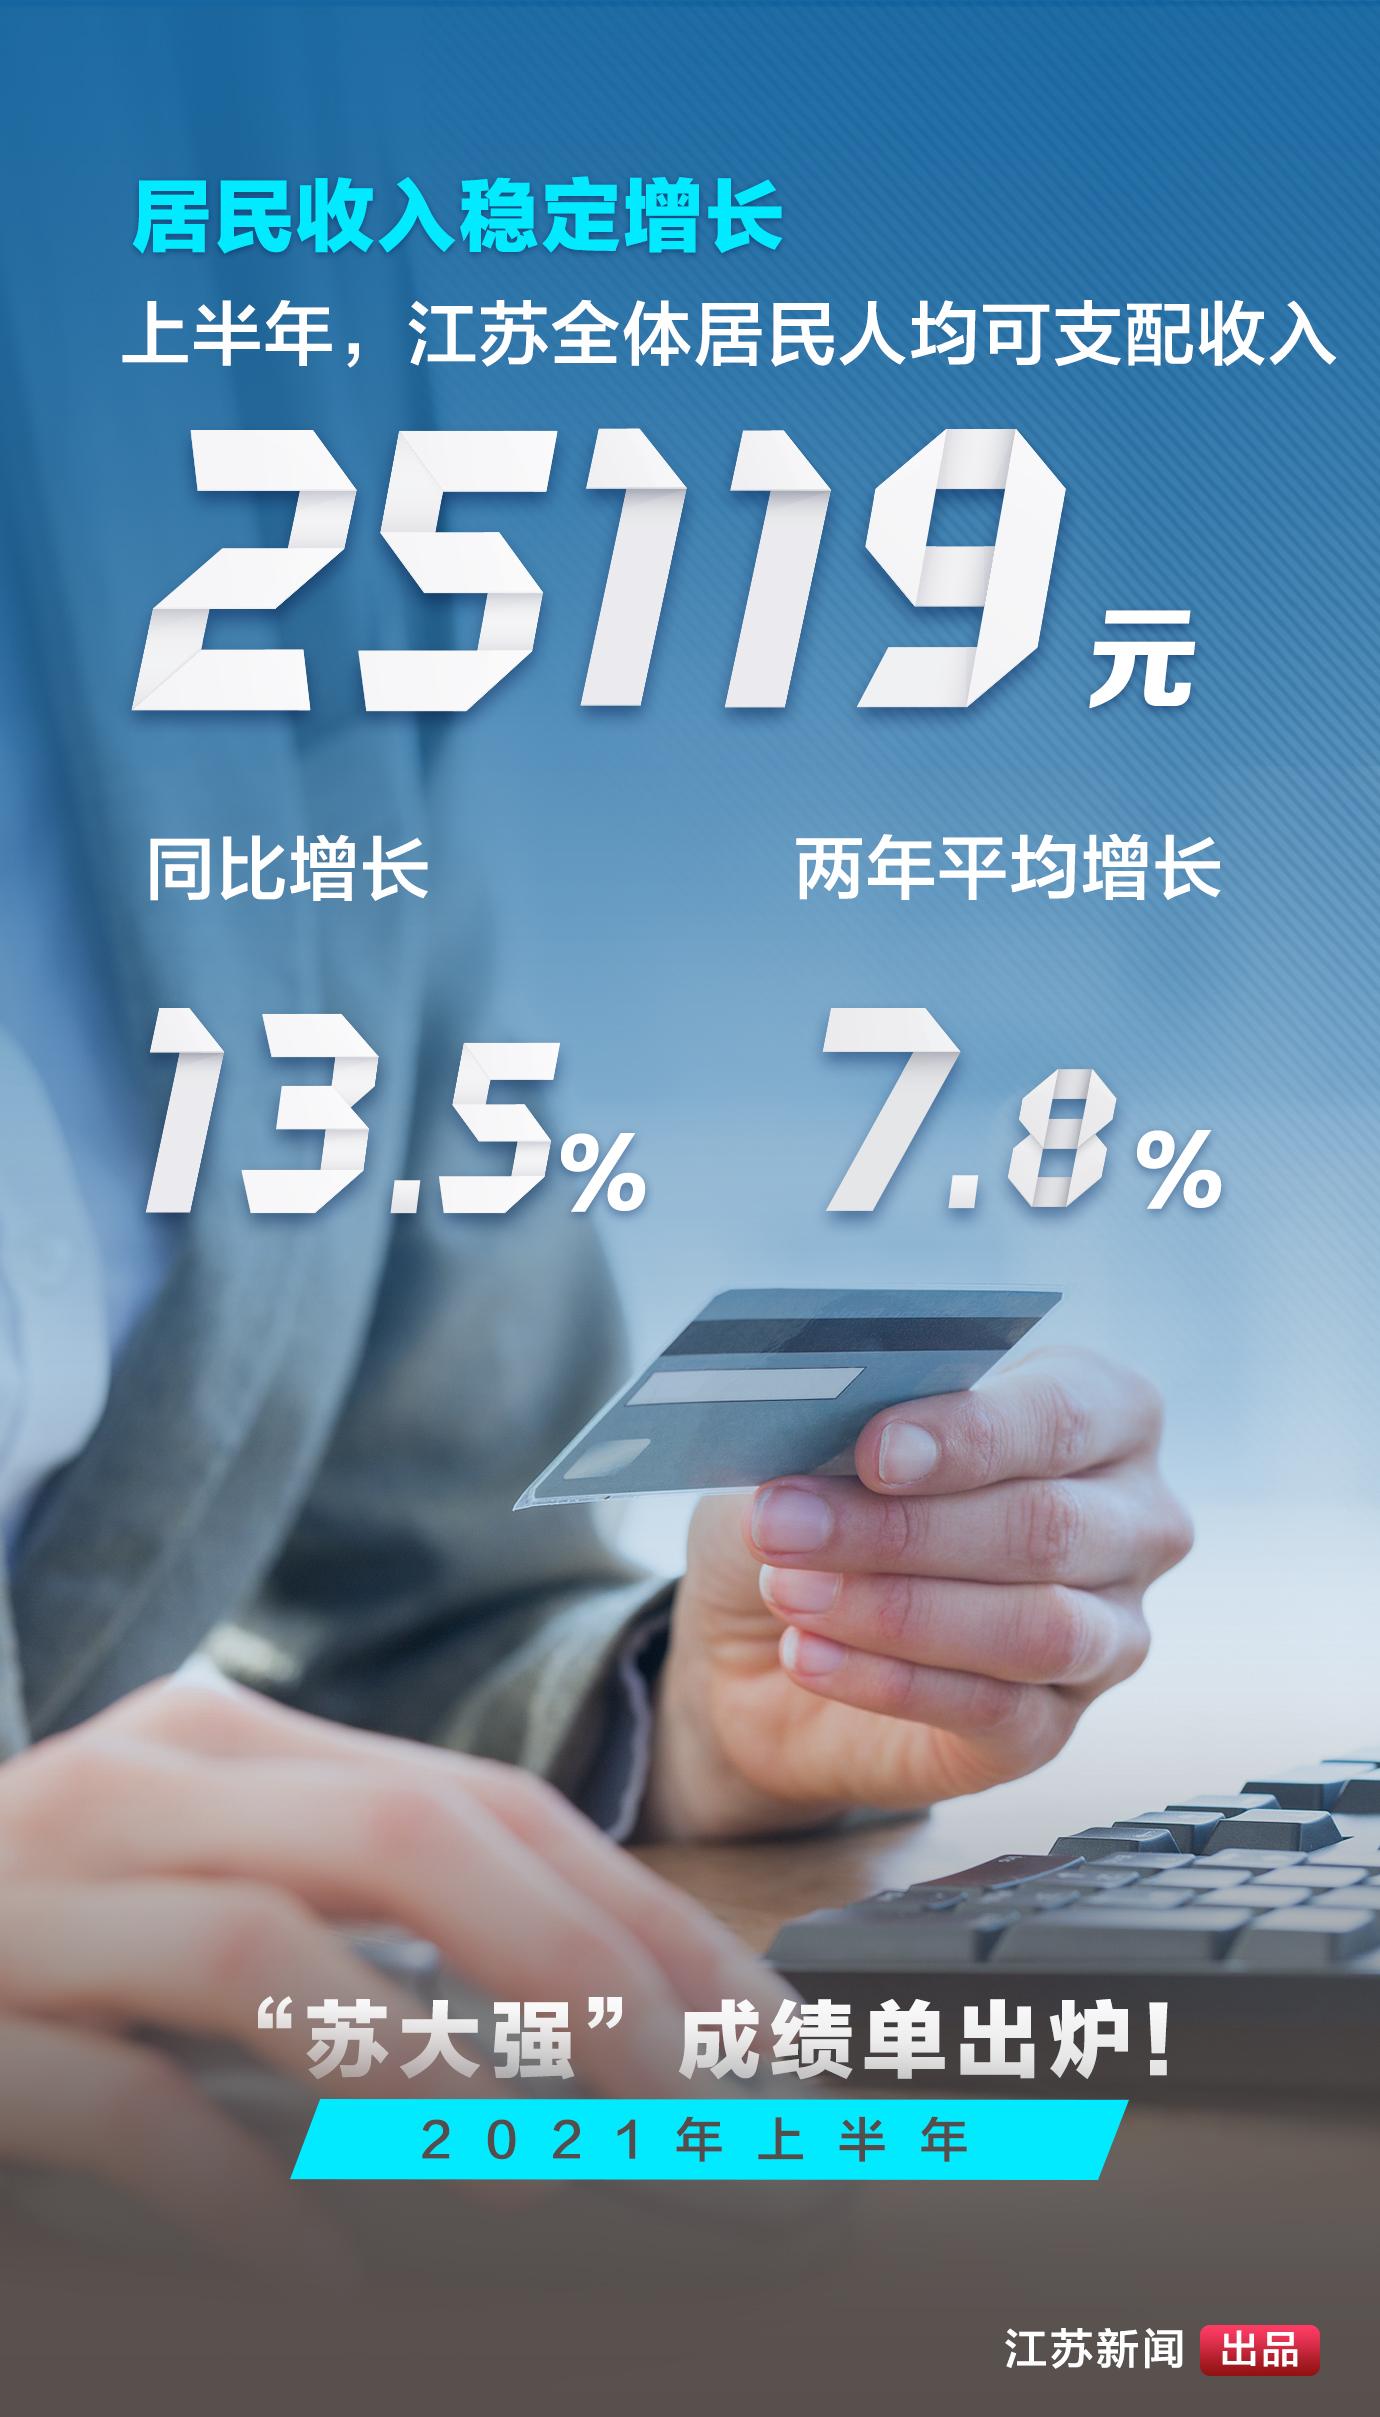 同比增长13.2%!苏大强上半年成绩单出炉